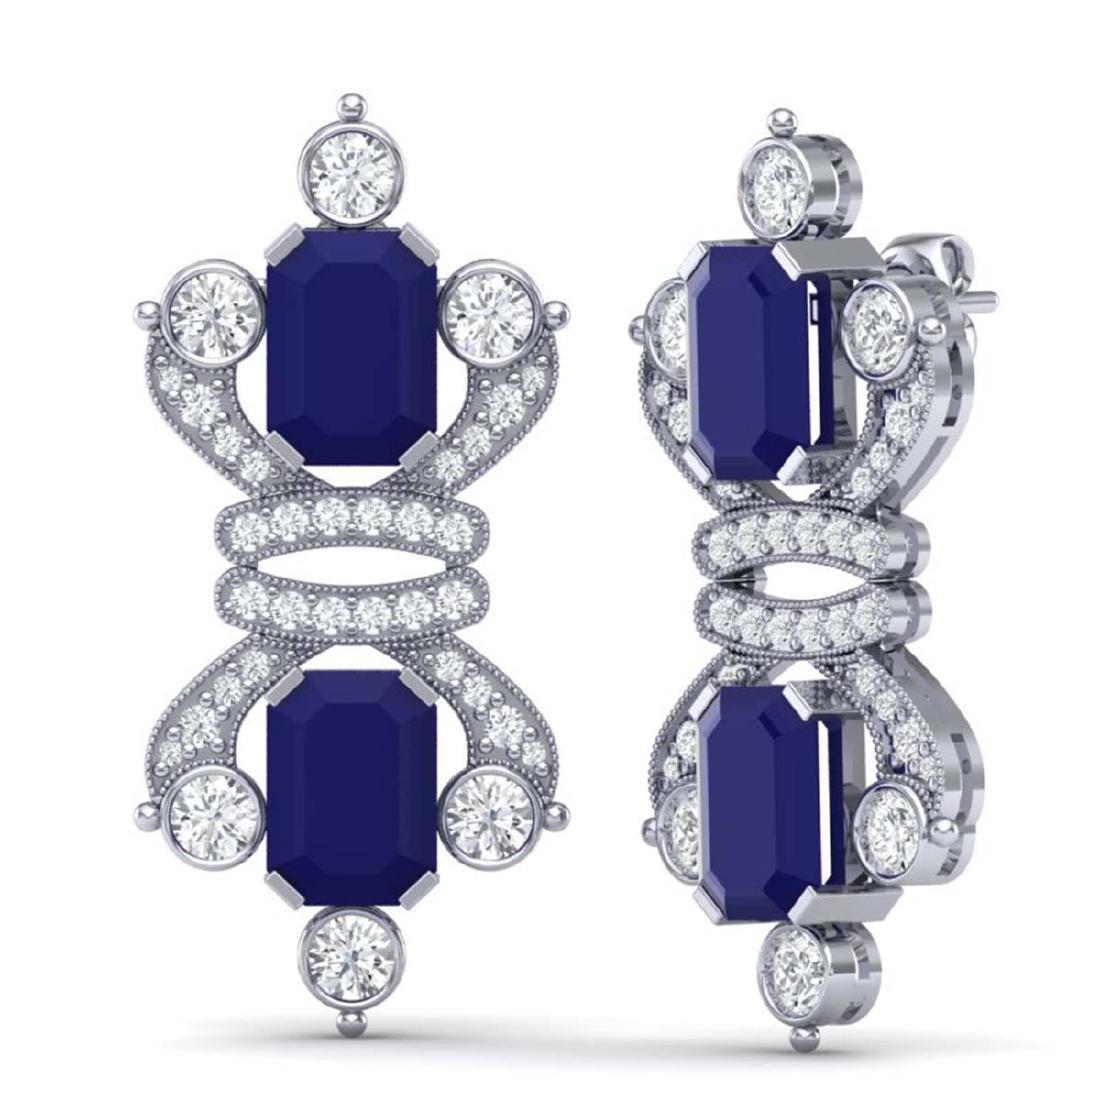 27.36 ctw Sapphire & VS Diamond Earrings 18K White Gold - 3